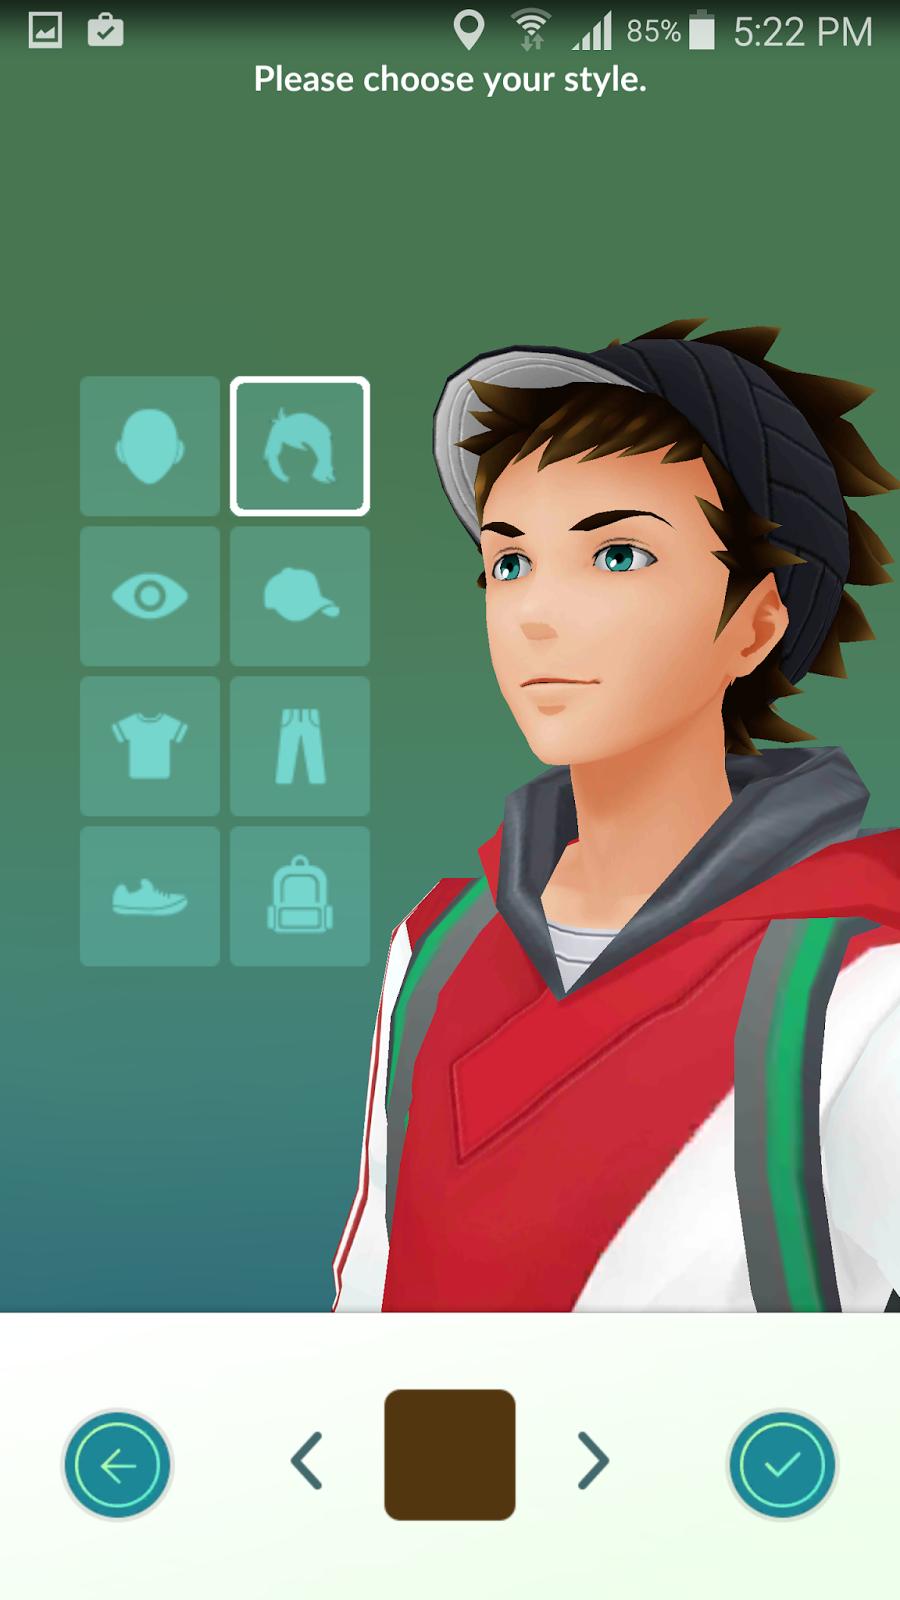 كل ما تود ان تعرفه عن لعبة Pokémon GO لعبة بوكيمون جو الجديدة للاندرويد | بحرية درويد